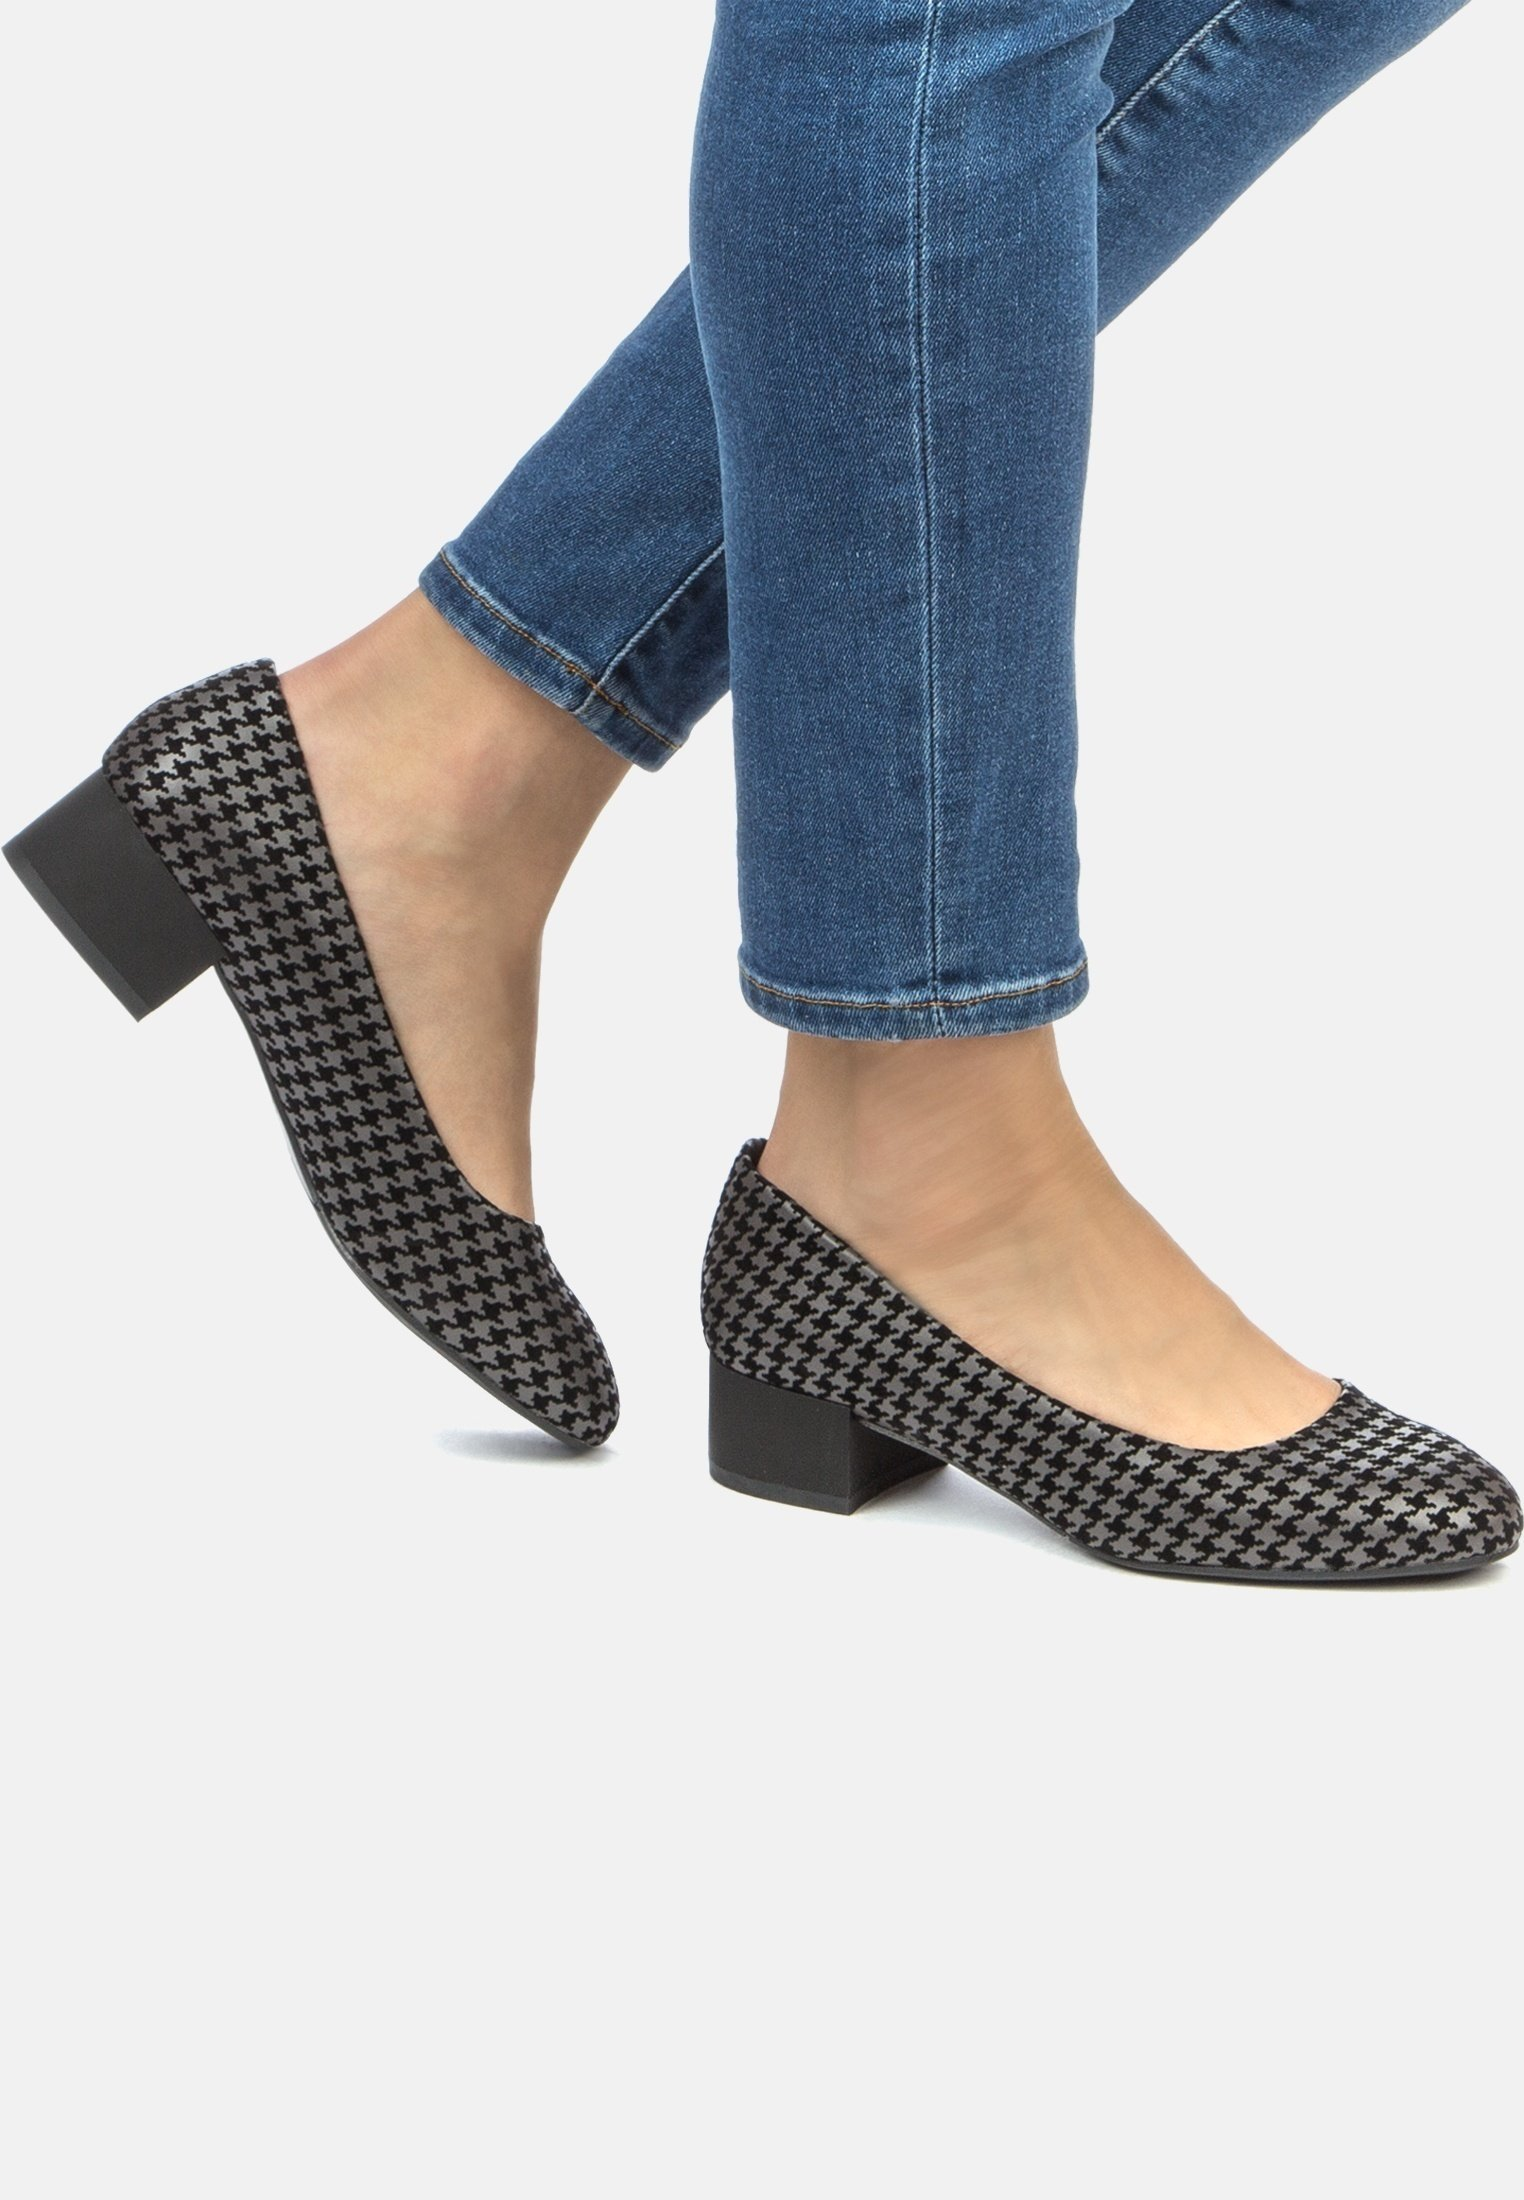 Betsy Escarpins - black - Chaussures à talons femme Qualité